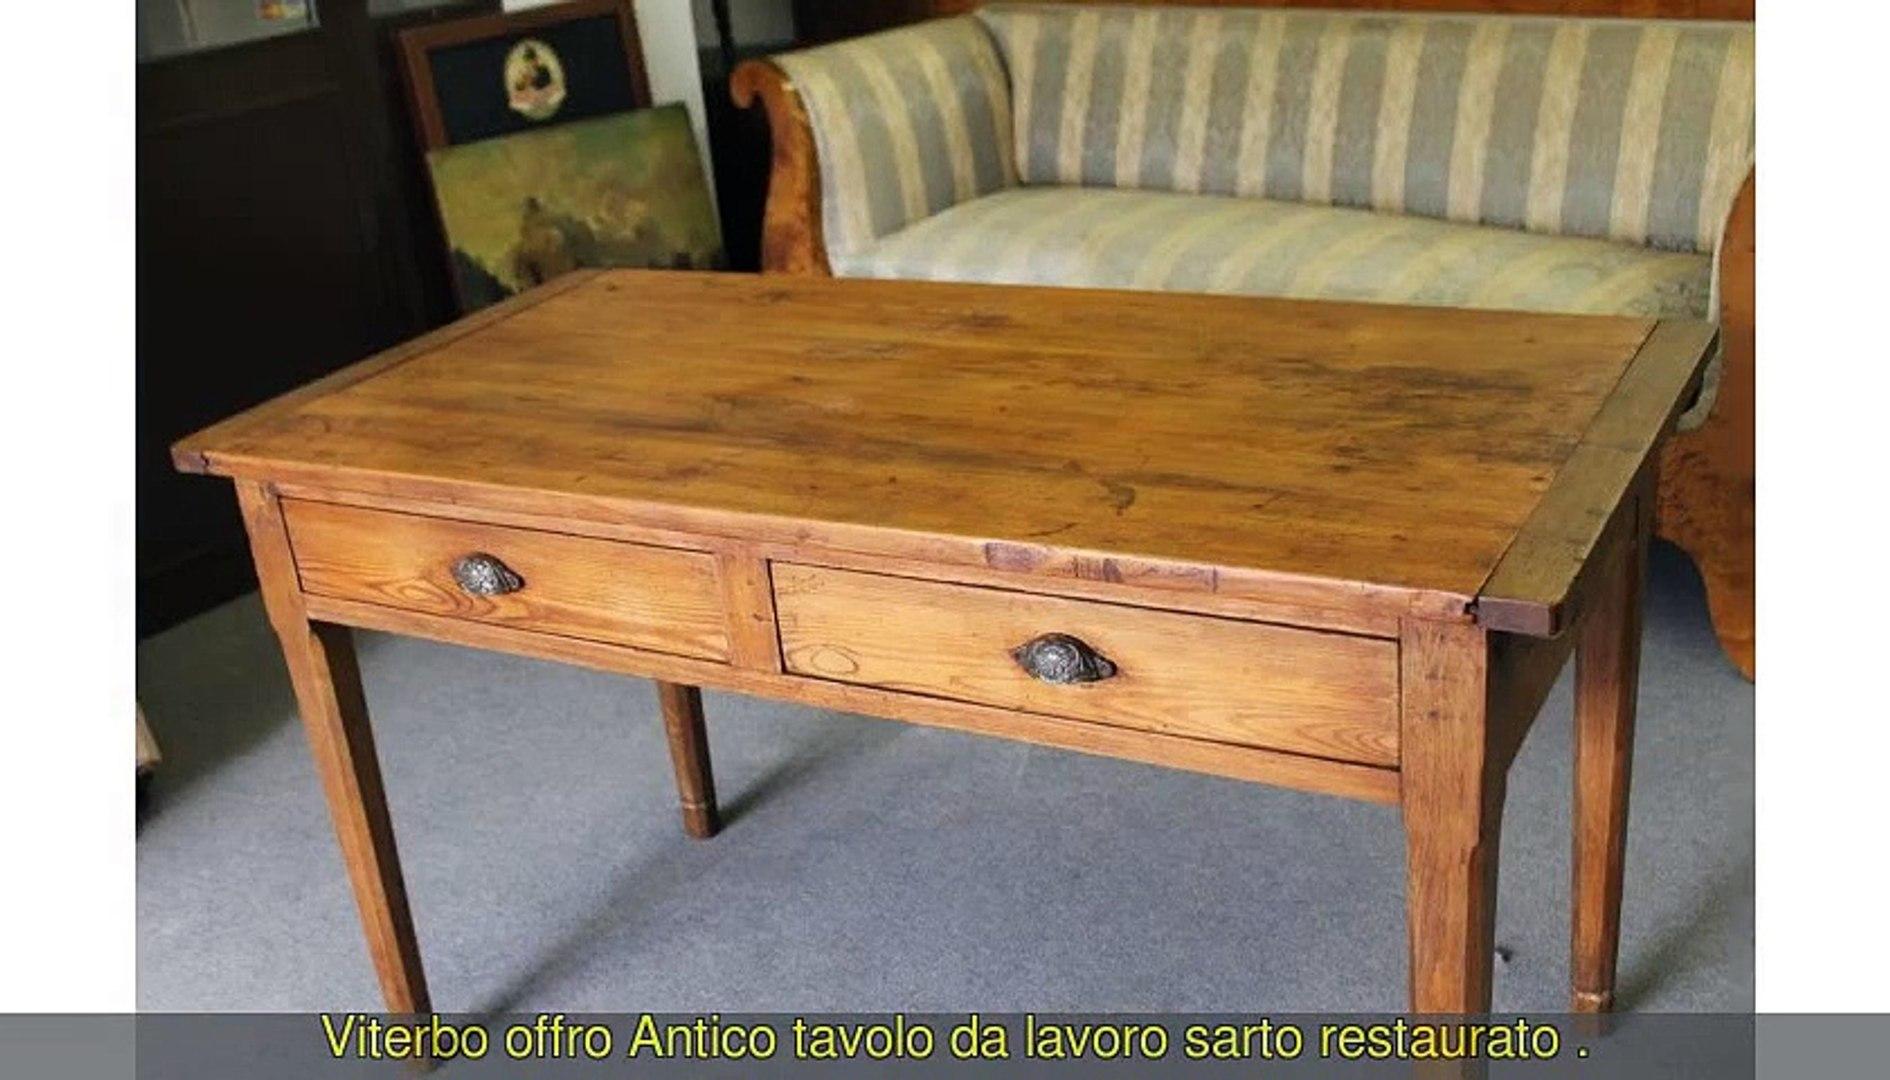 Banco Da Falegname Antico antico tavolo da lavoro sarto - video dailymotion